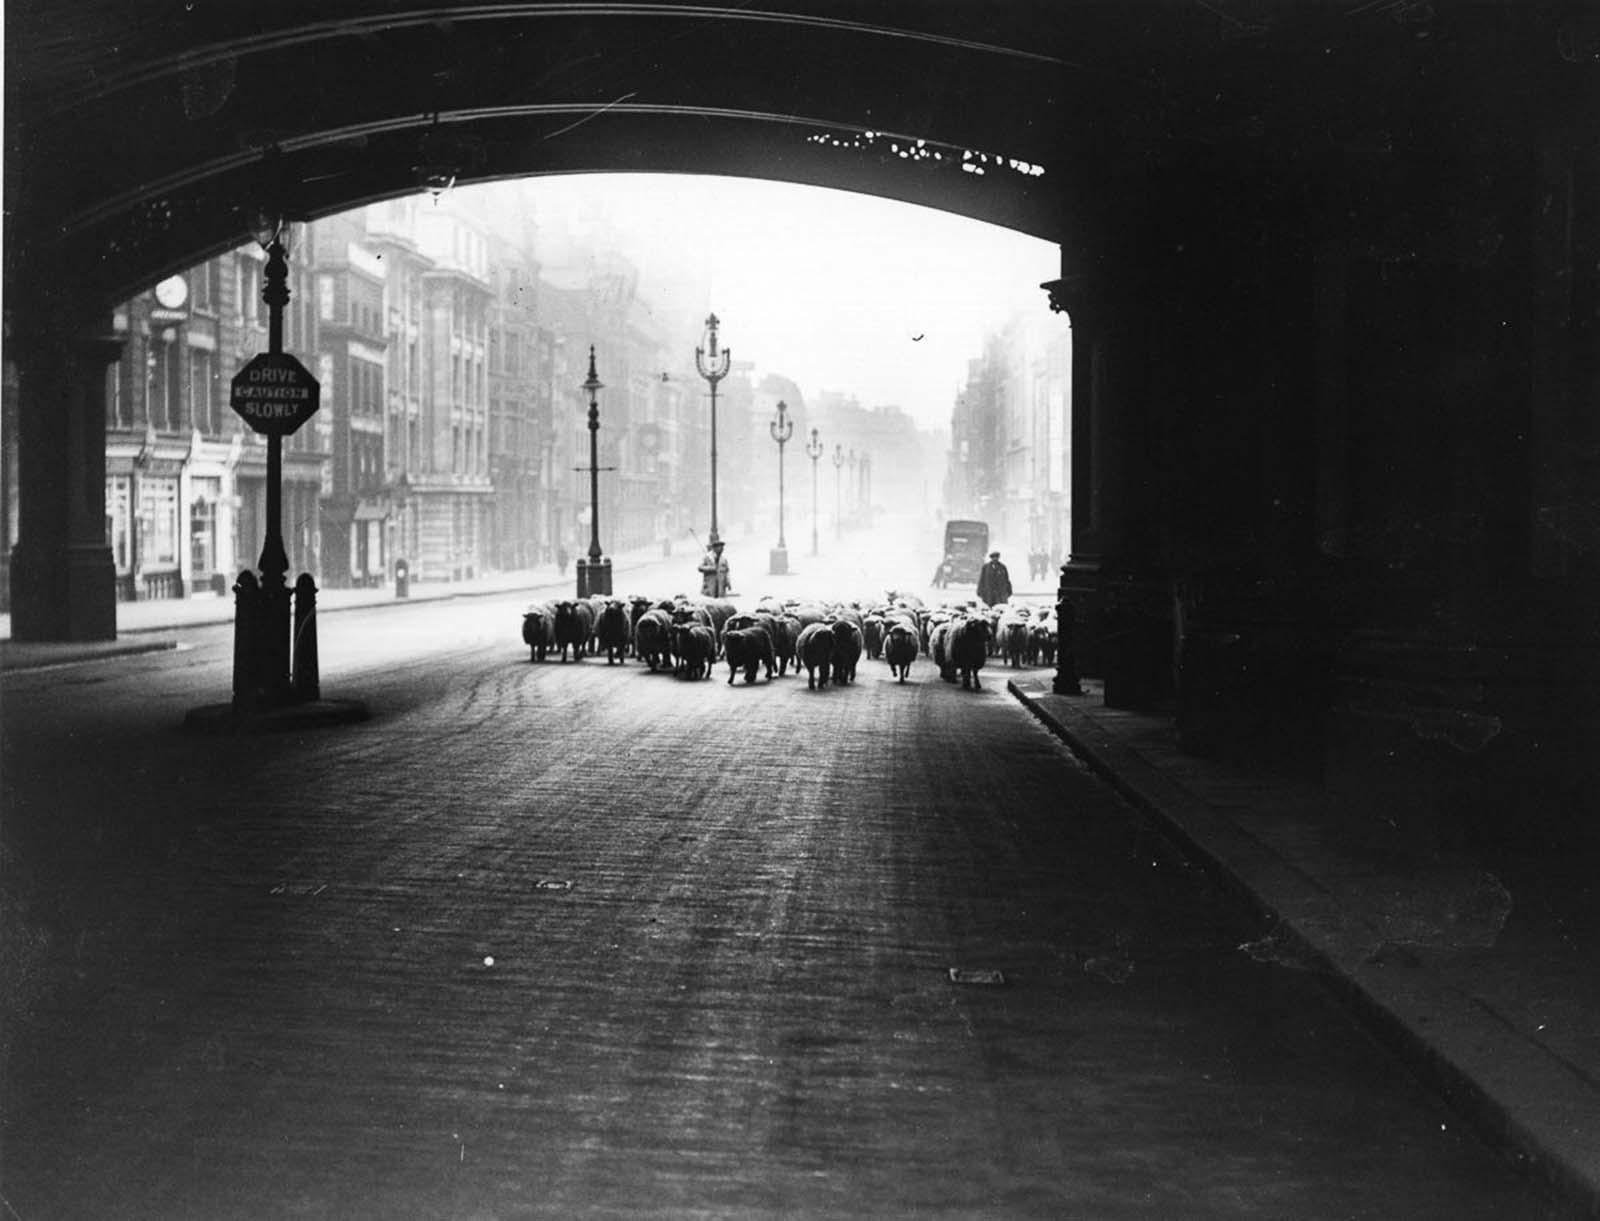 On Queen Victoria Street. 1937.